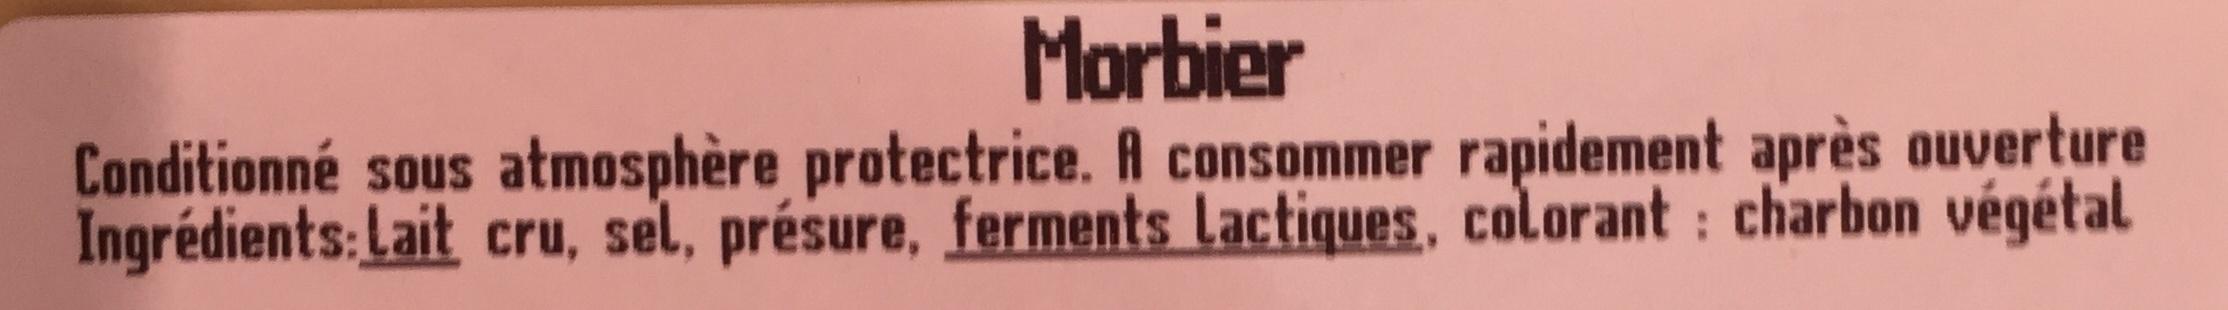 Morbier en tranchettes au lait cru - Ingrédients - fr